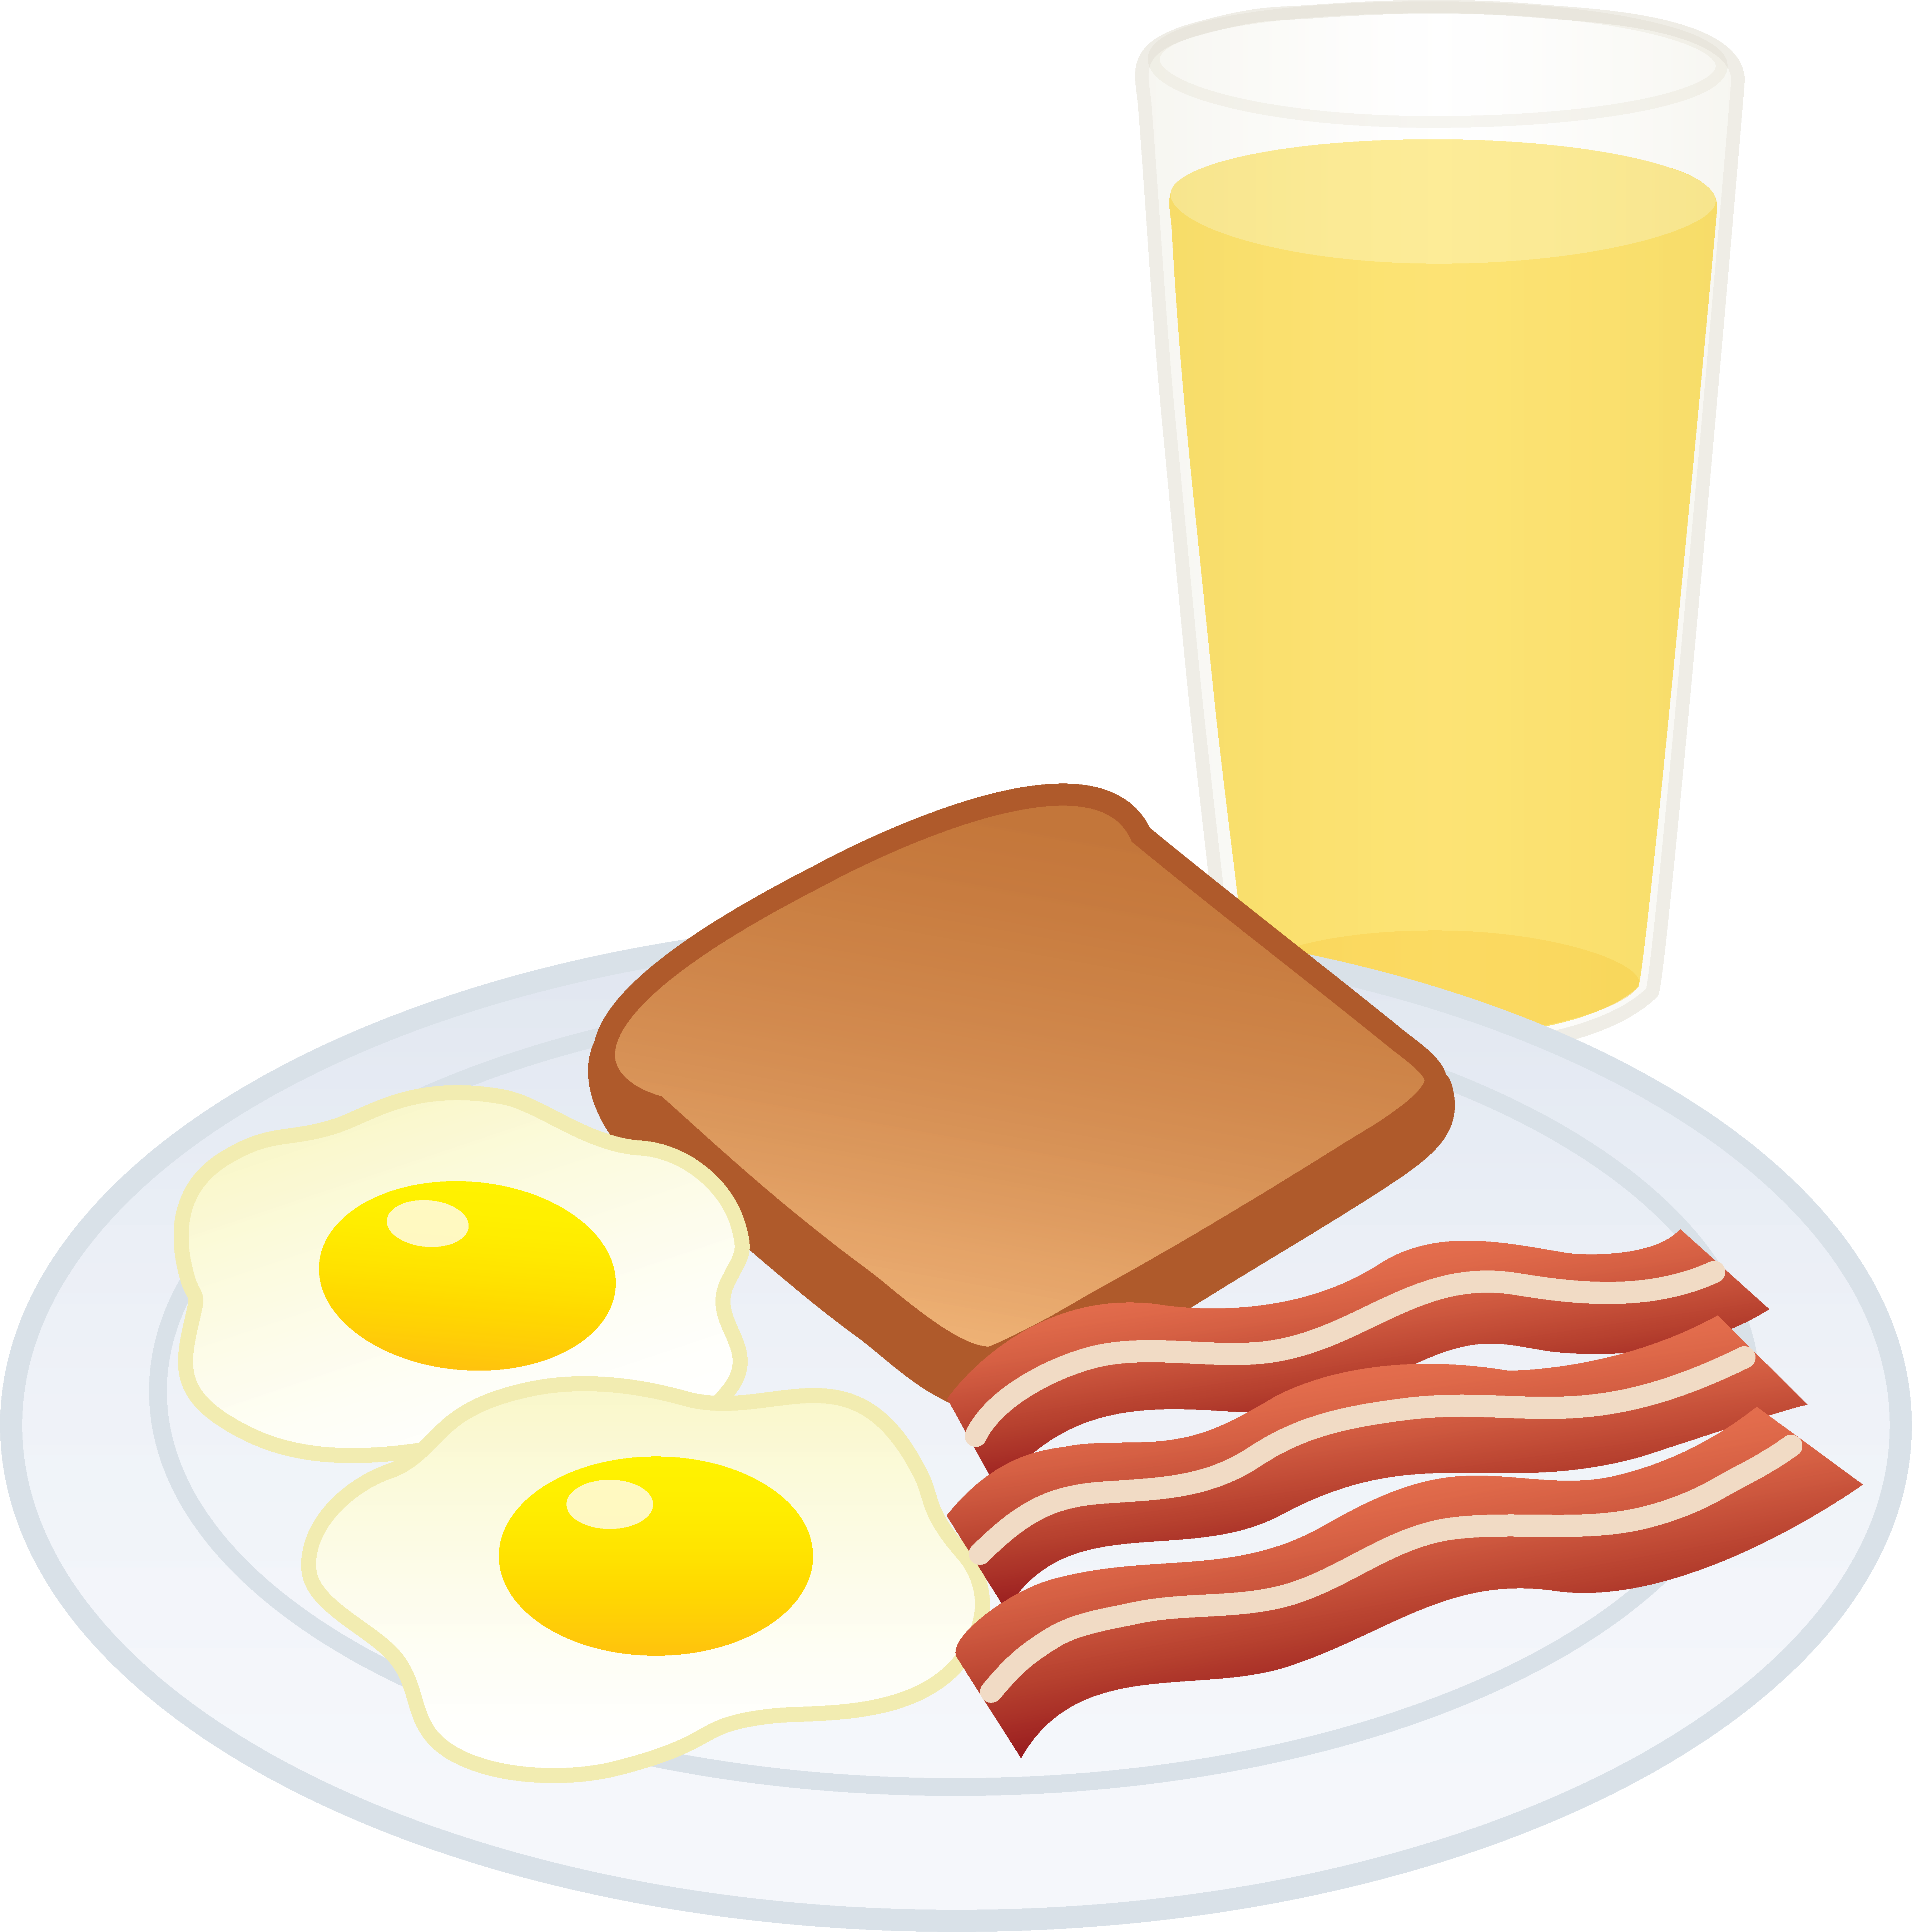 5350x5406 Breakfast Clipart 4 Breakfast Clip Art Free 2 Clipartcow 2